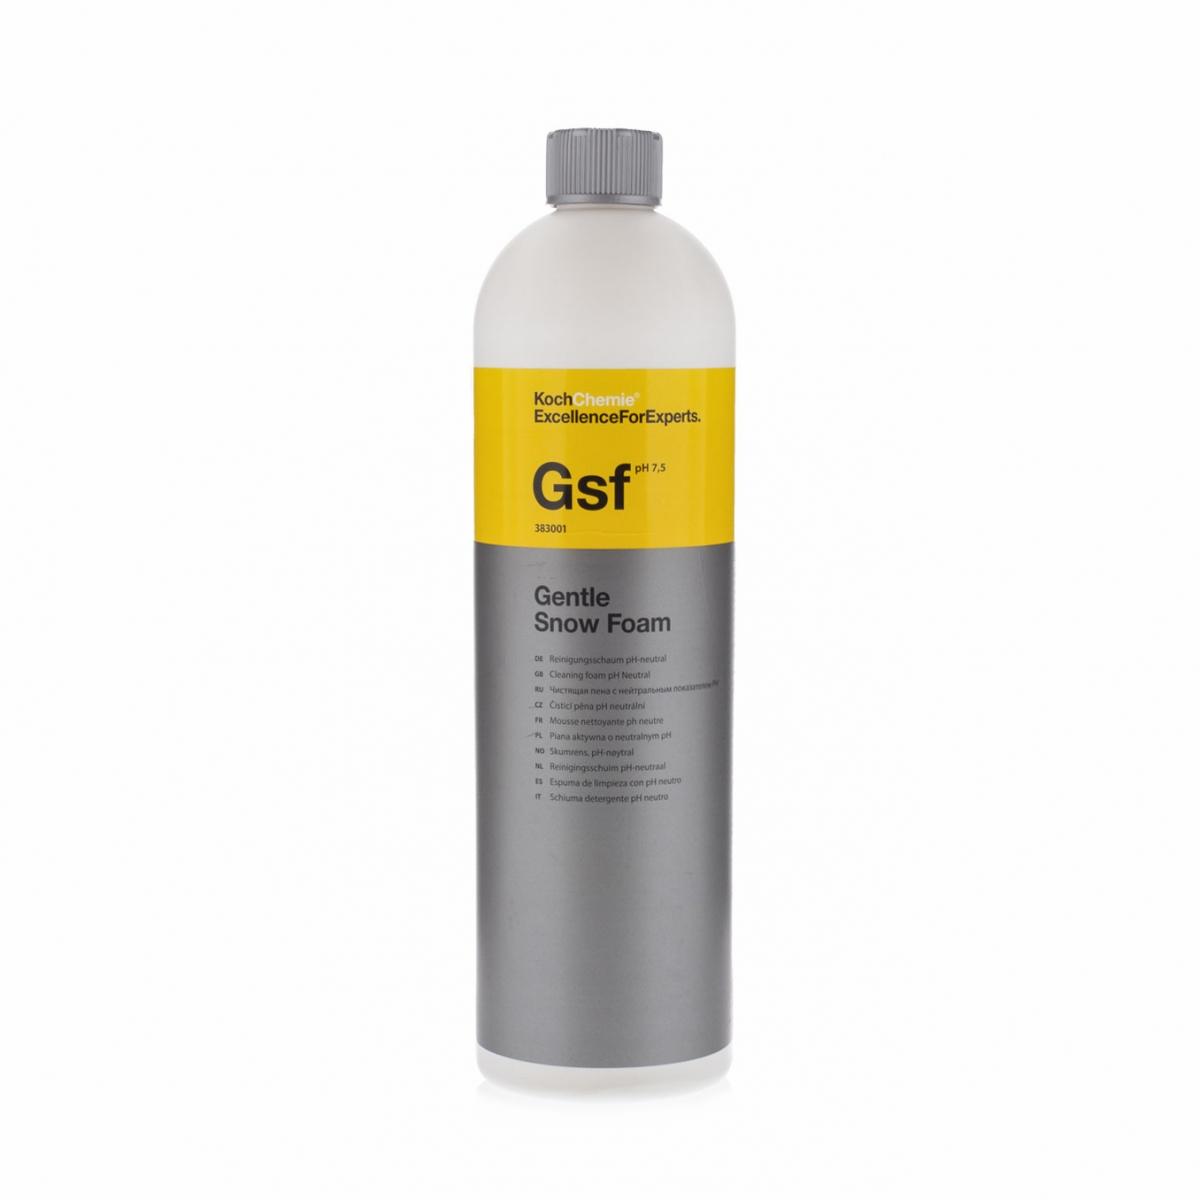 Koch-Chemie Gentle Snow Foam 1 L - best i test